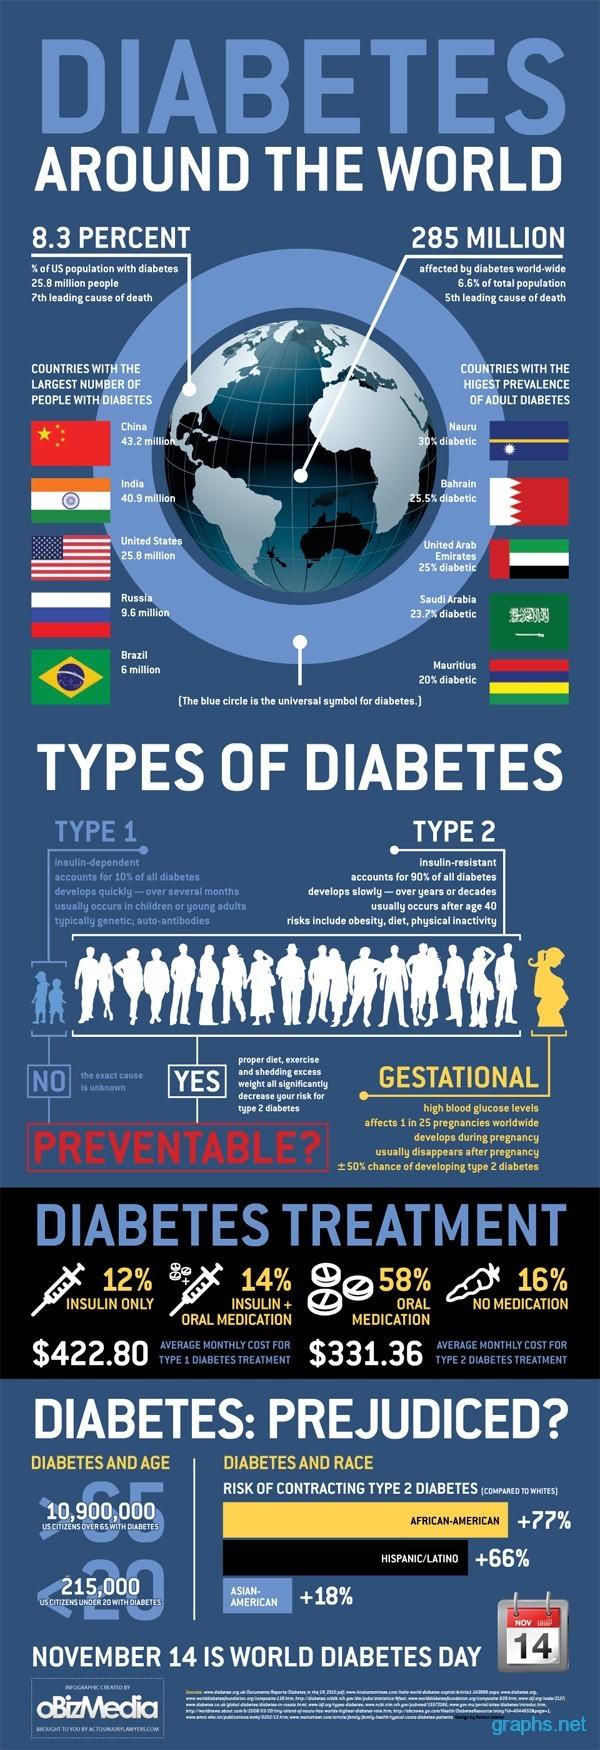 diabetes sufferers worldwide